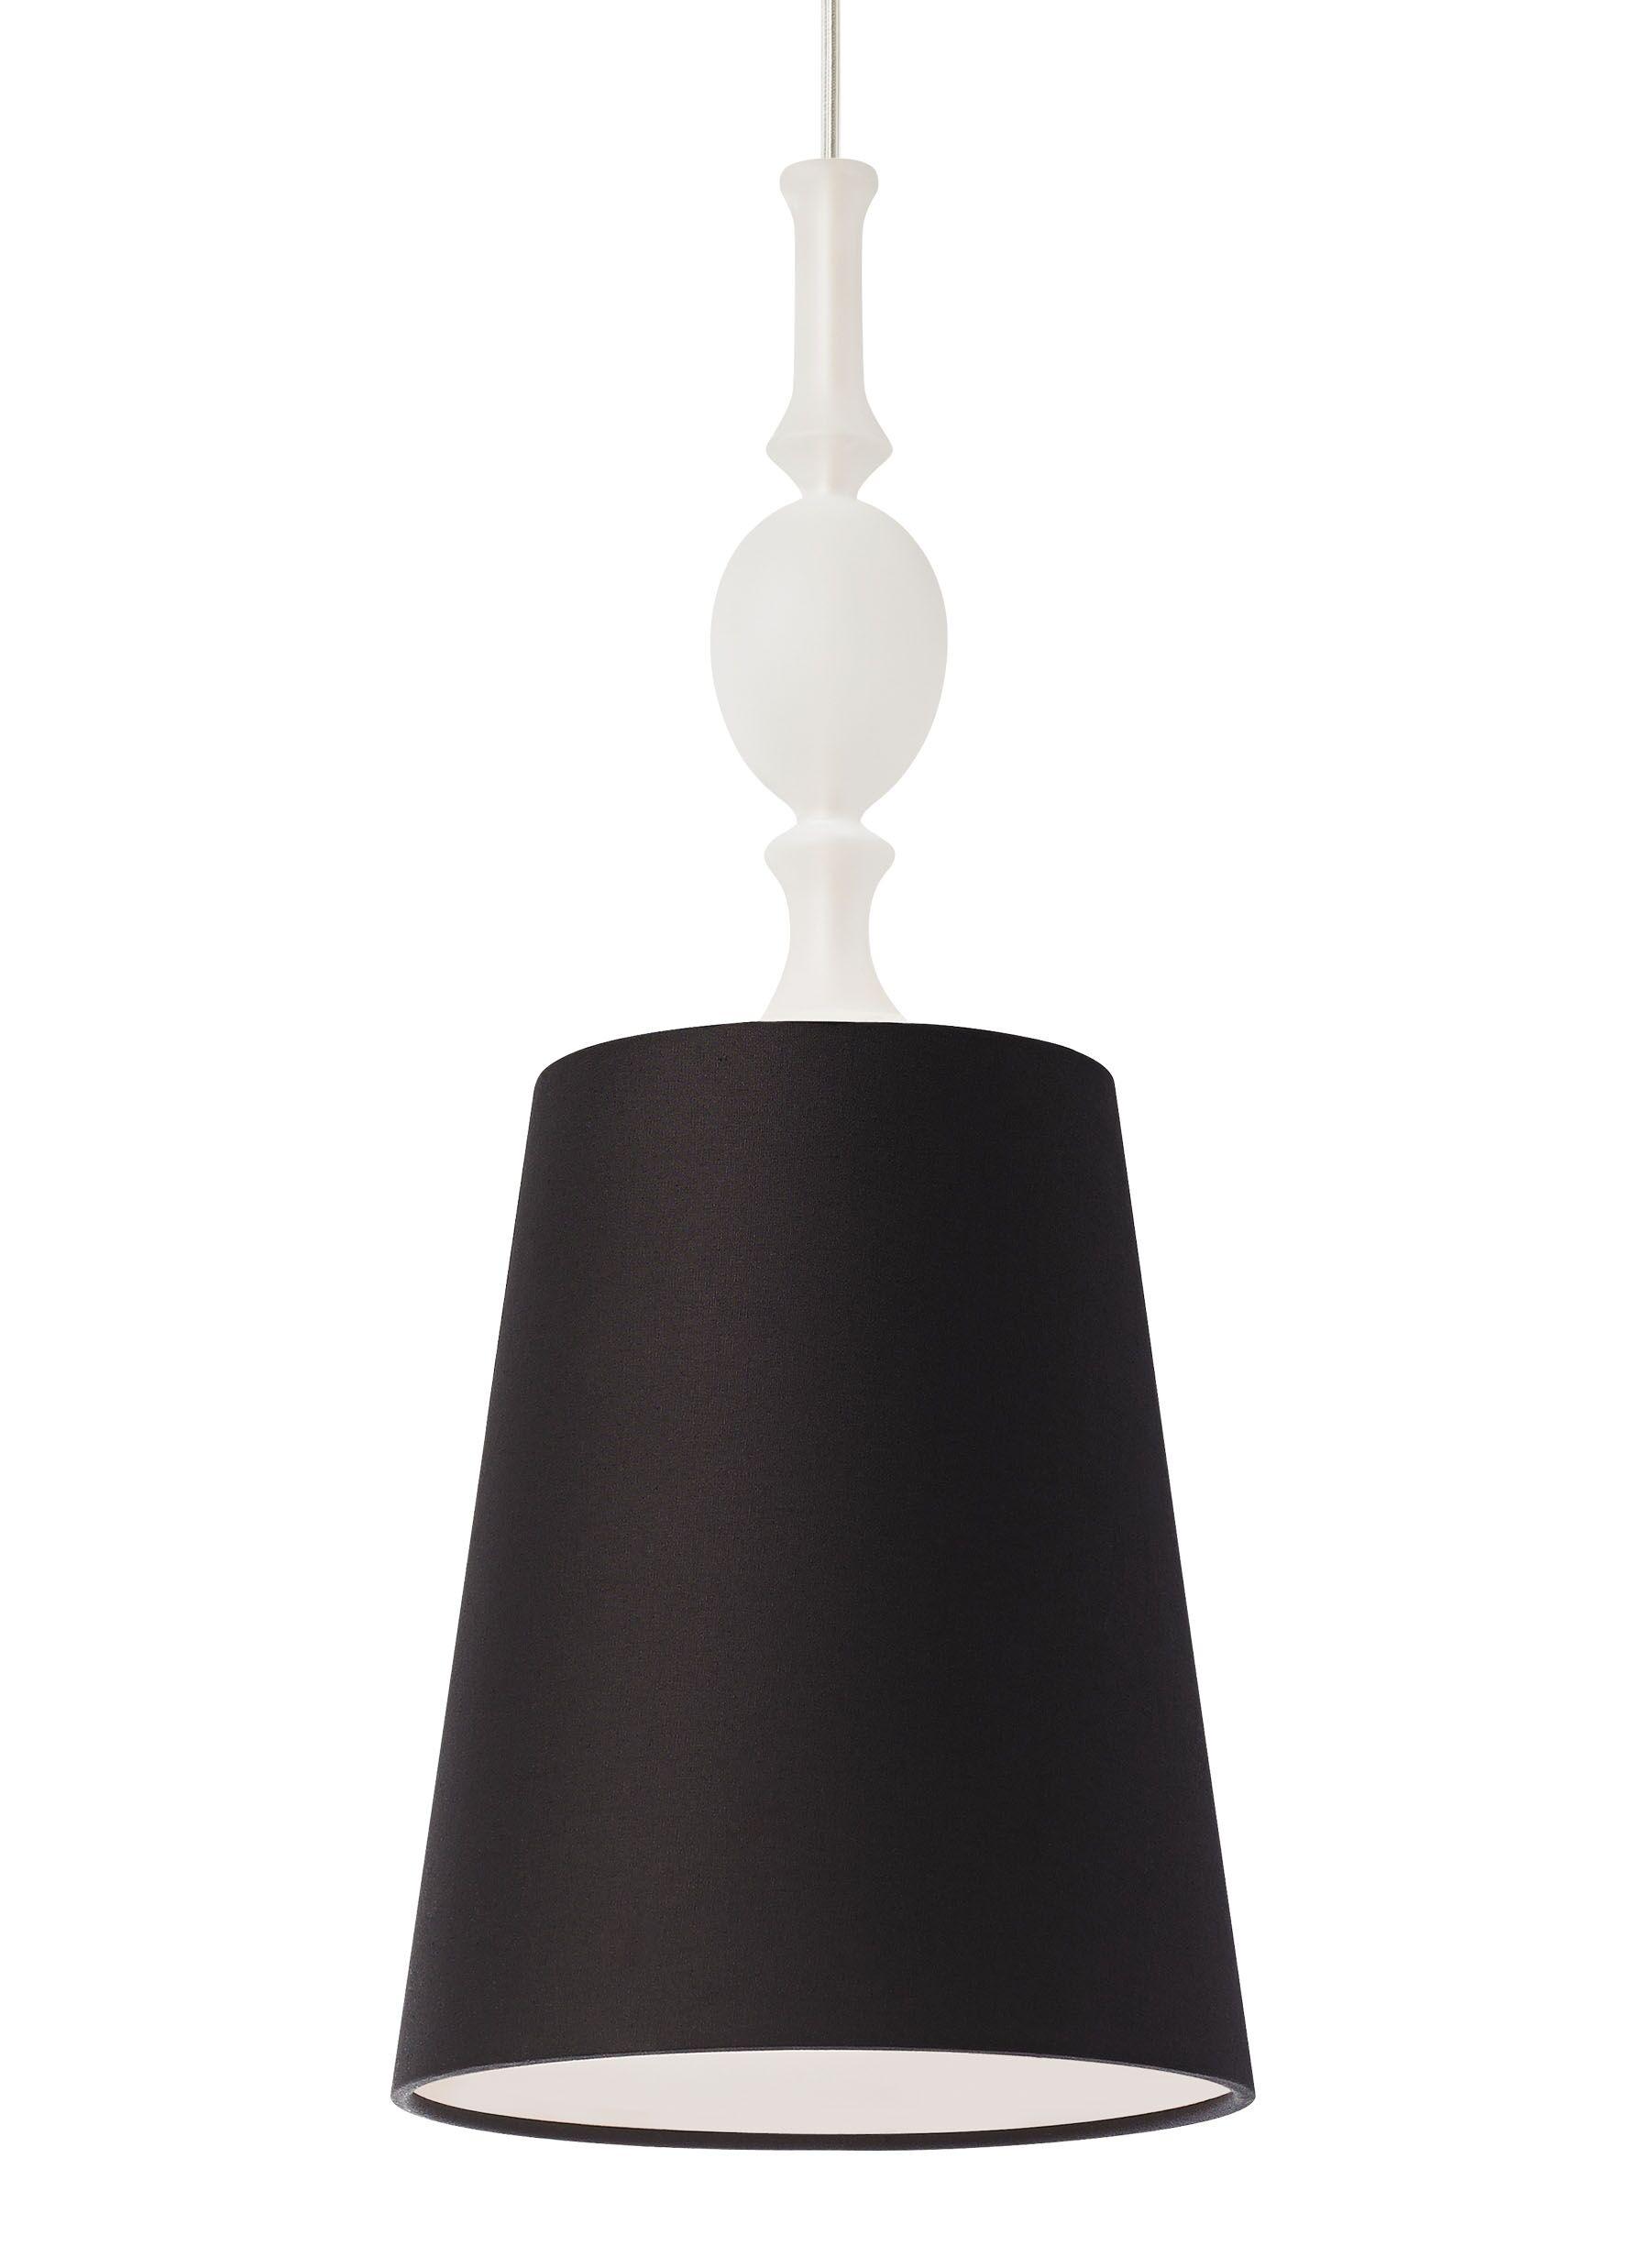 Iliana 1-Light Cone Pendant Finish: Black, Shade Color: Black, Bulb Type: Compact Fluorescent